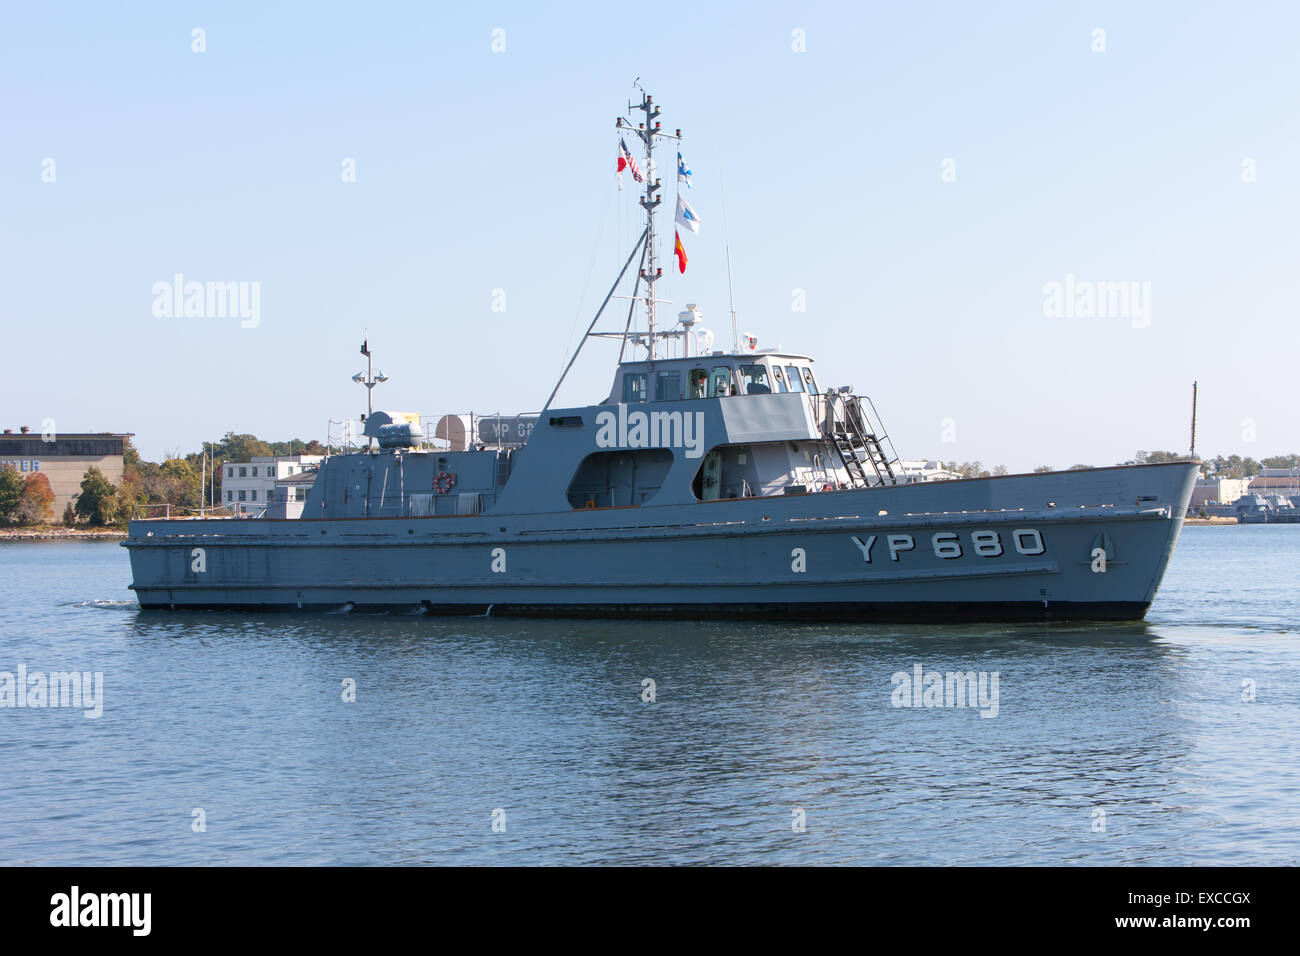 Une patrouille de l'US Navy Yard sur la rivière Severn à Annapolis (Maryland) Photo Stock